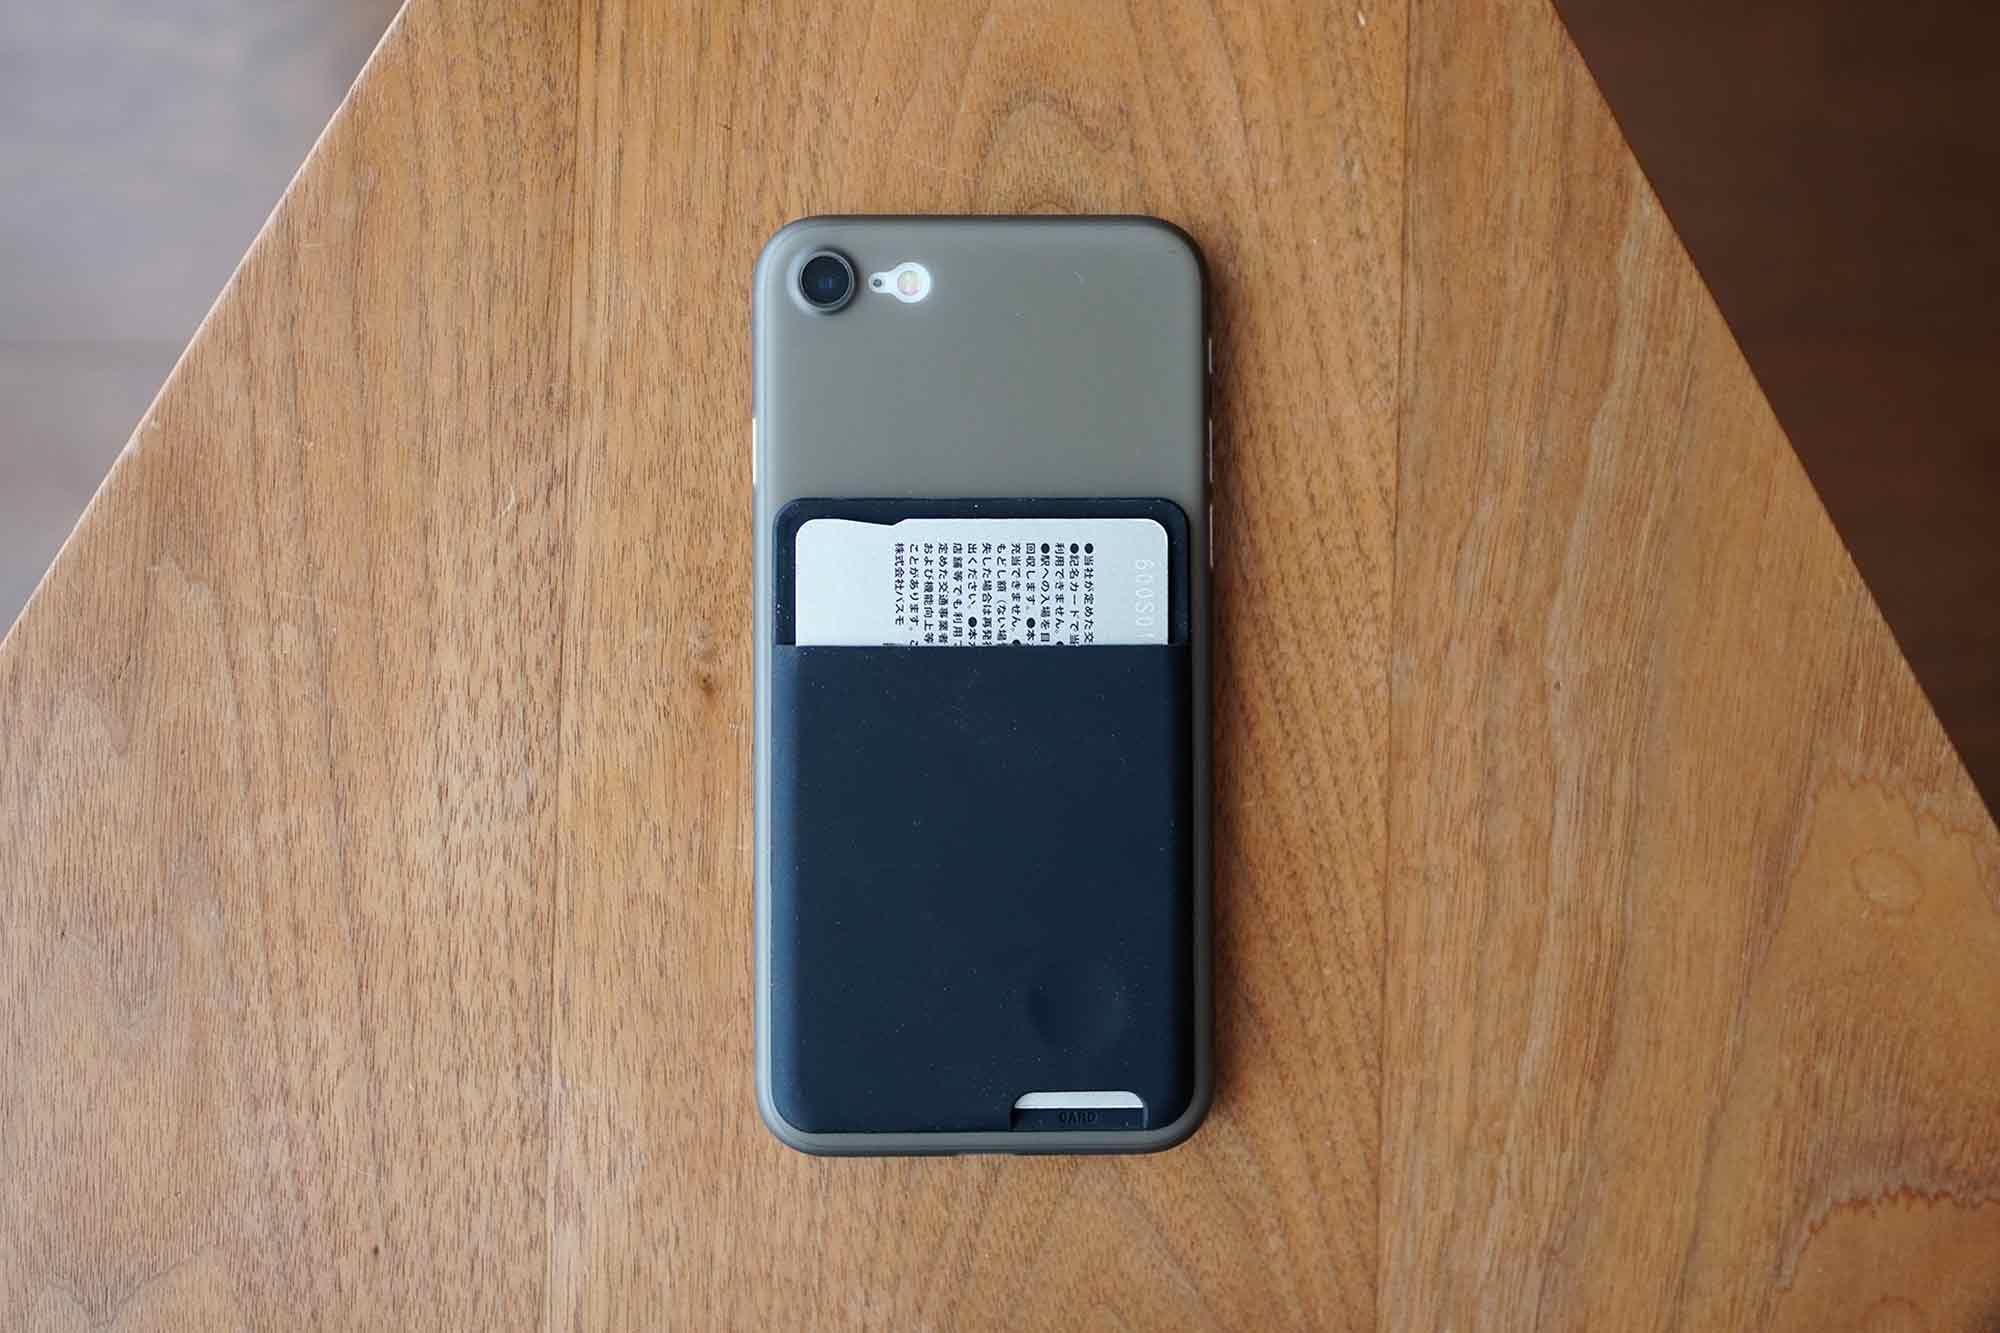 elago,背面ポケット,カードホルダー,カードポケット,お洒落,使いやすい,安い,